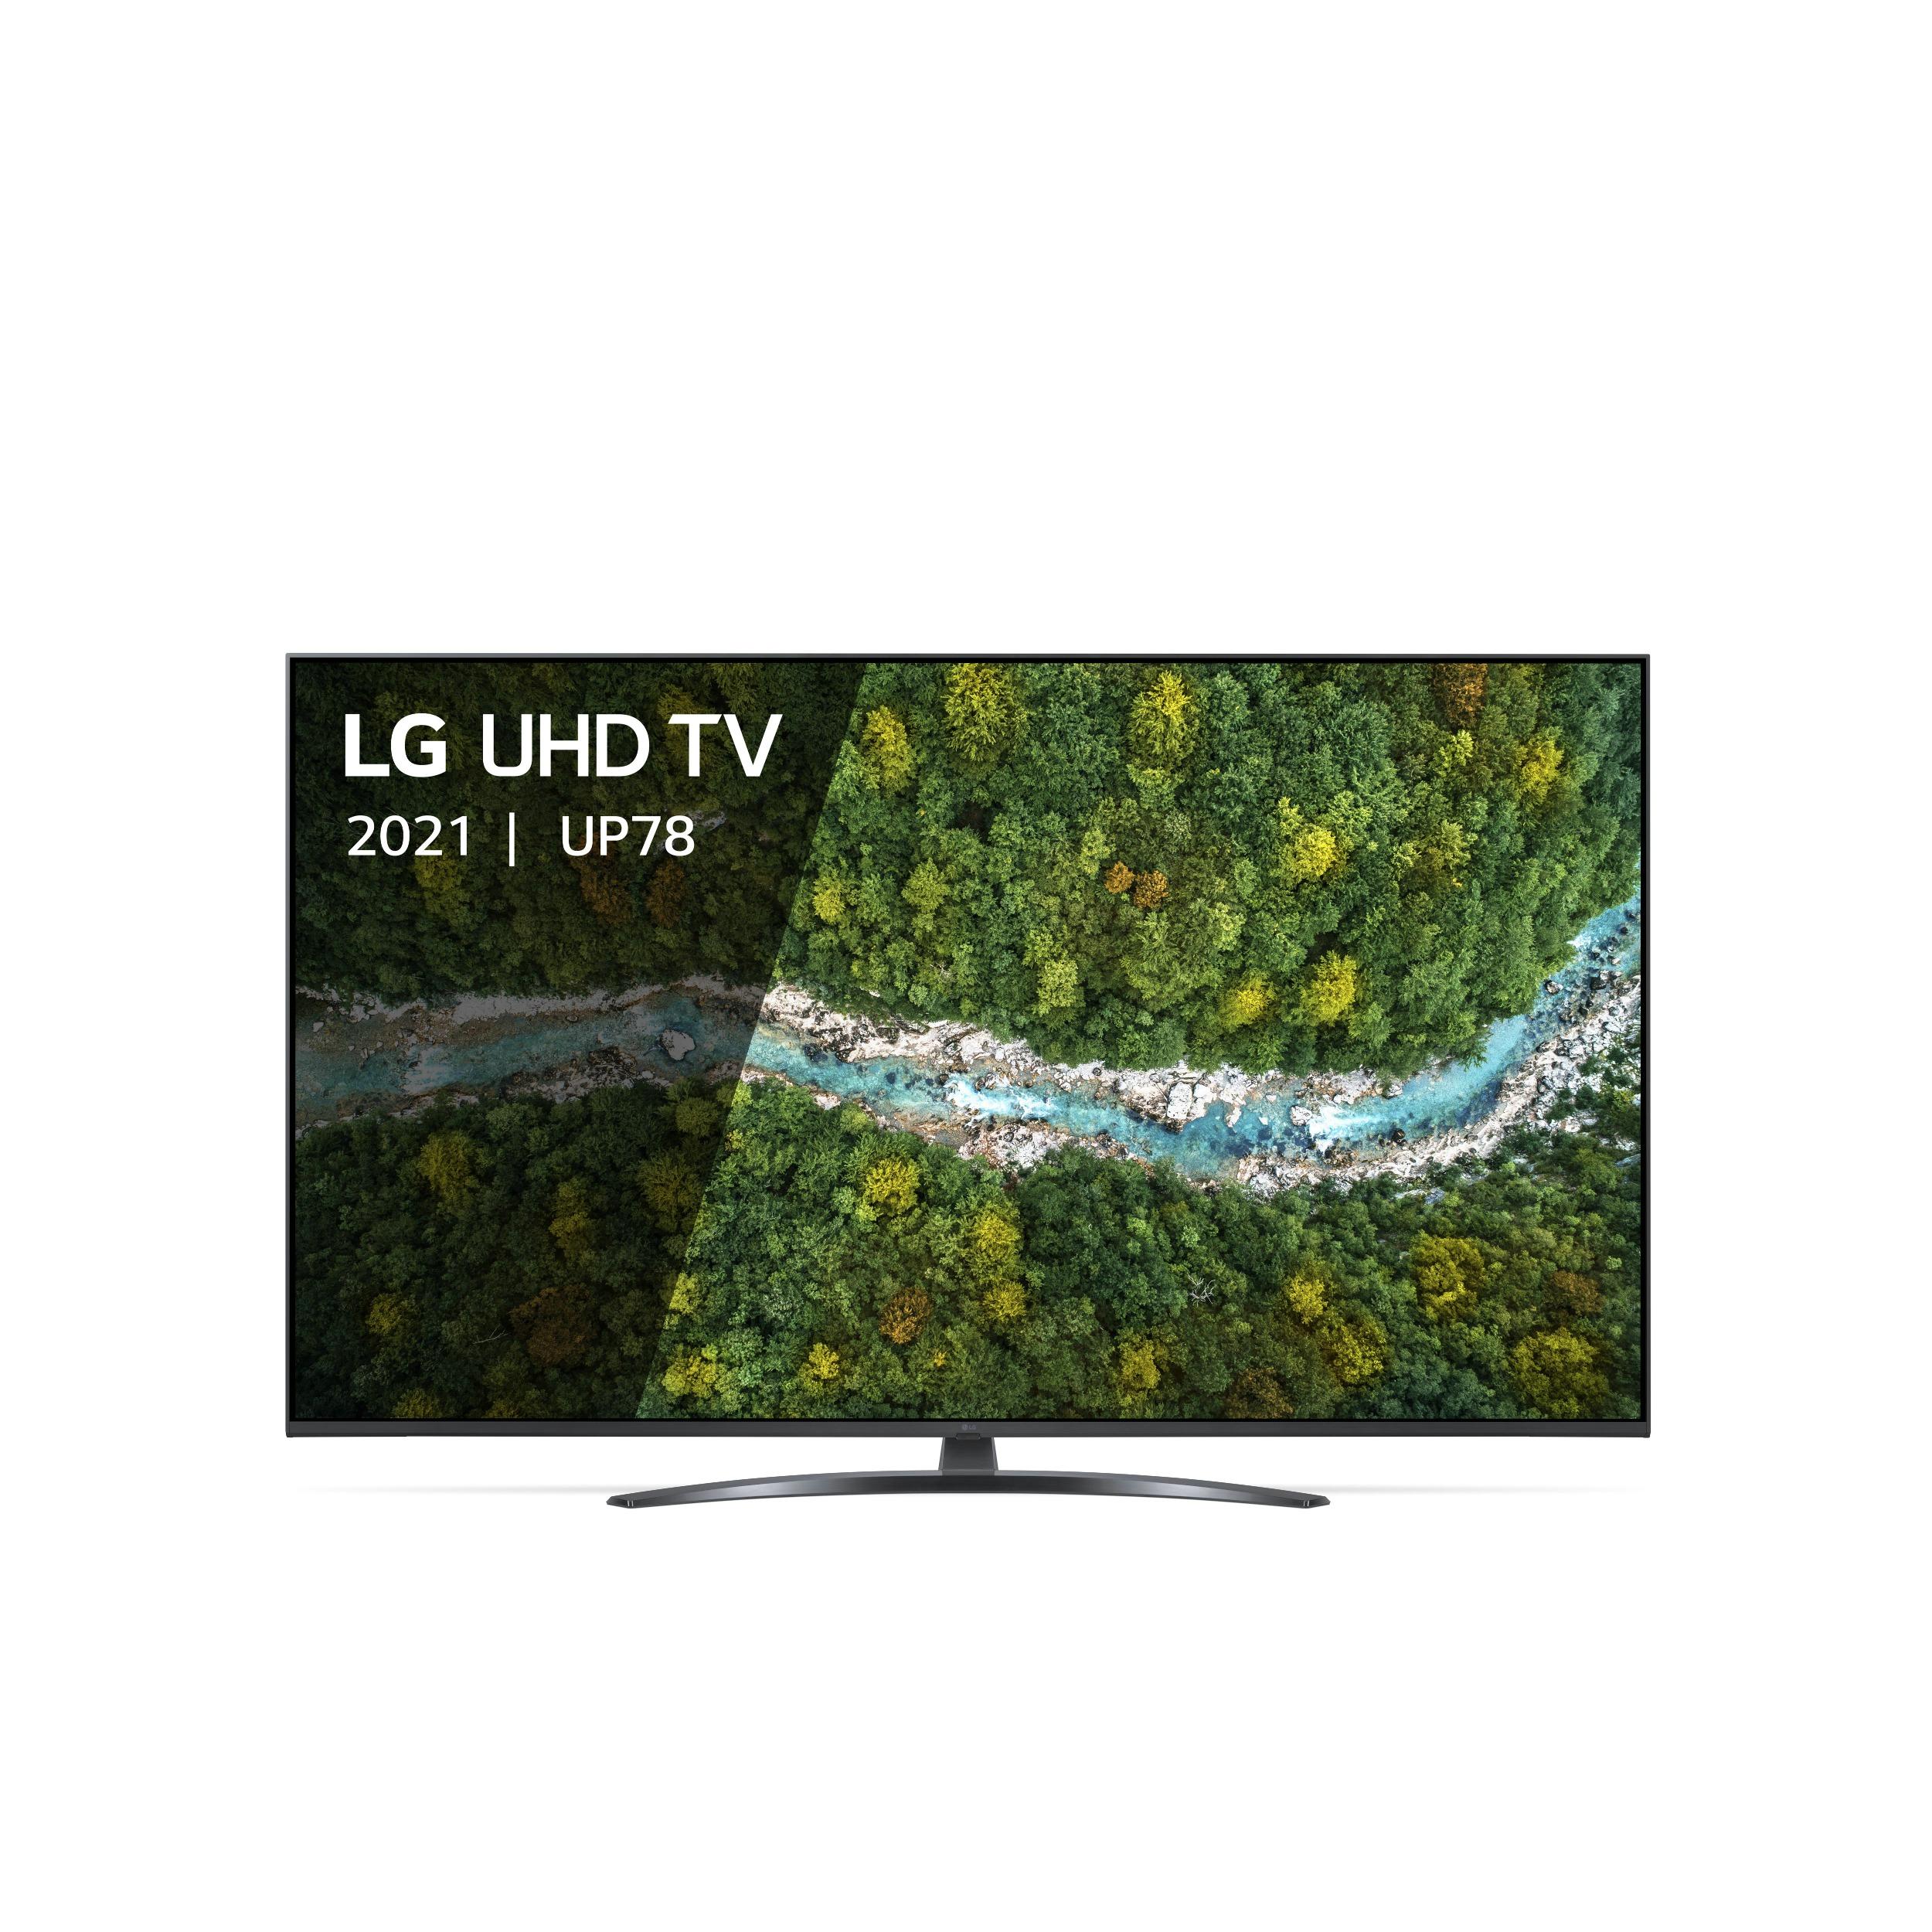 Op HardwareComponenten.nl is alles over televisie te vinden: waaronder expert en specifiek LG 43UP78006LB - 43 inch UHD TV